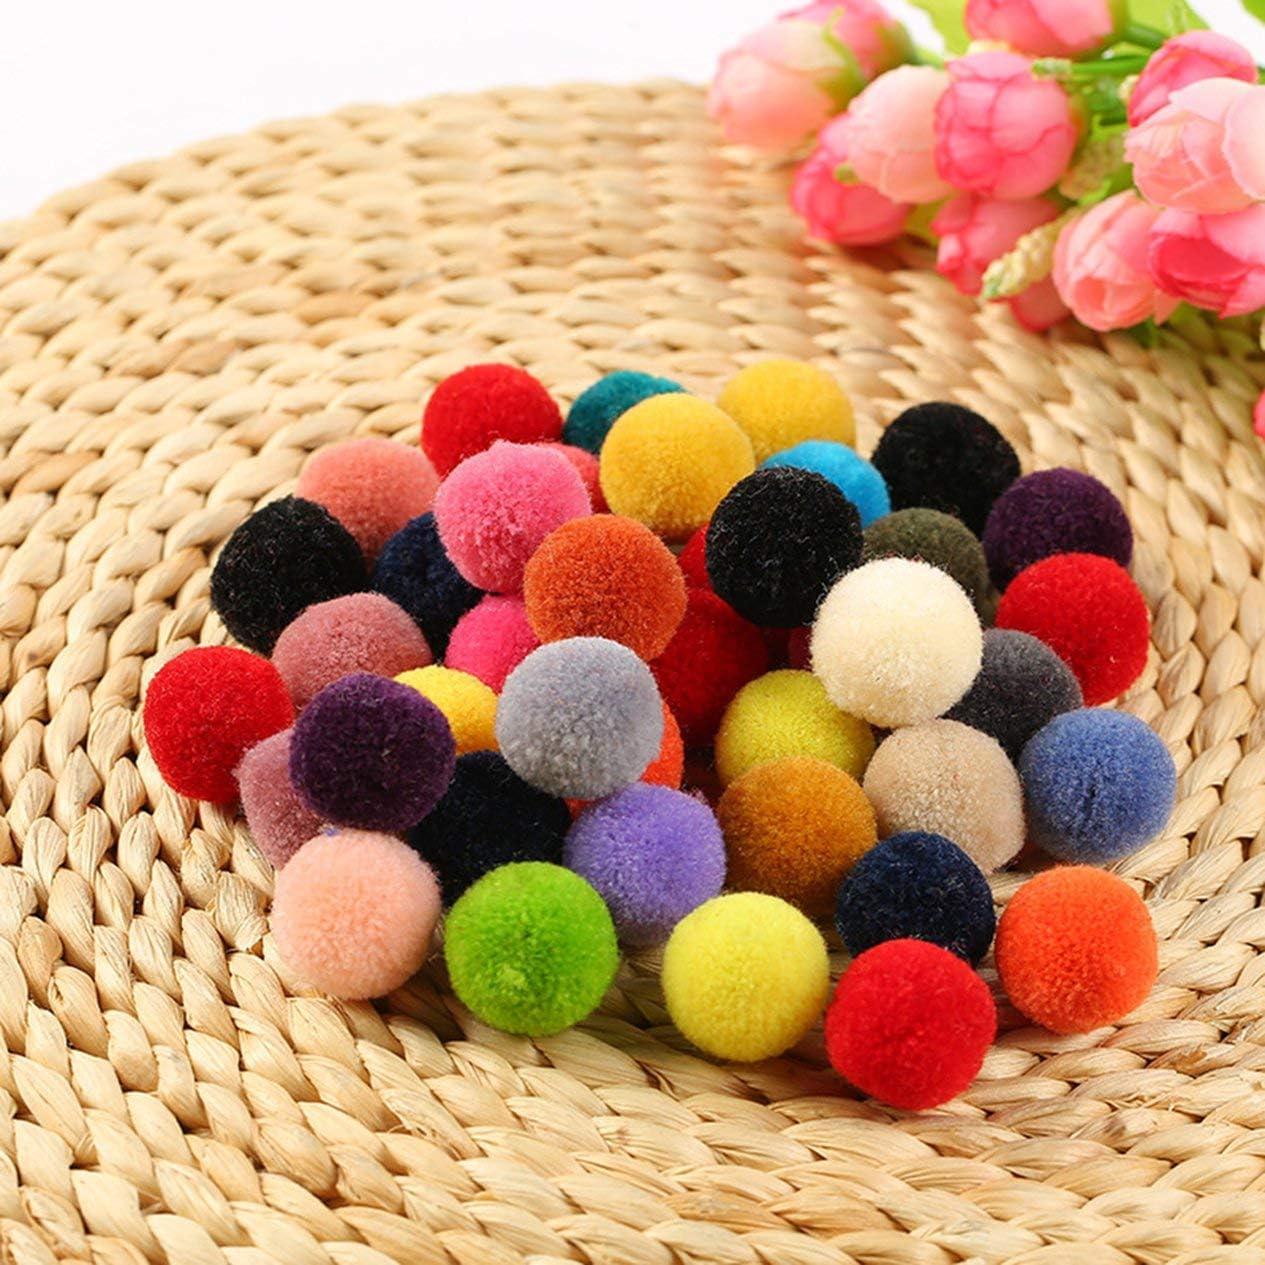 Poli/éster Color Peluche Mini Peque/ño Bricolaje Creativo Hecho a Mano Joyer/ía Sombrero Bufanda Accesorios Colorido Pompones Artesan/ía Costura-Colorido BCVBFGCXVB